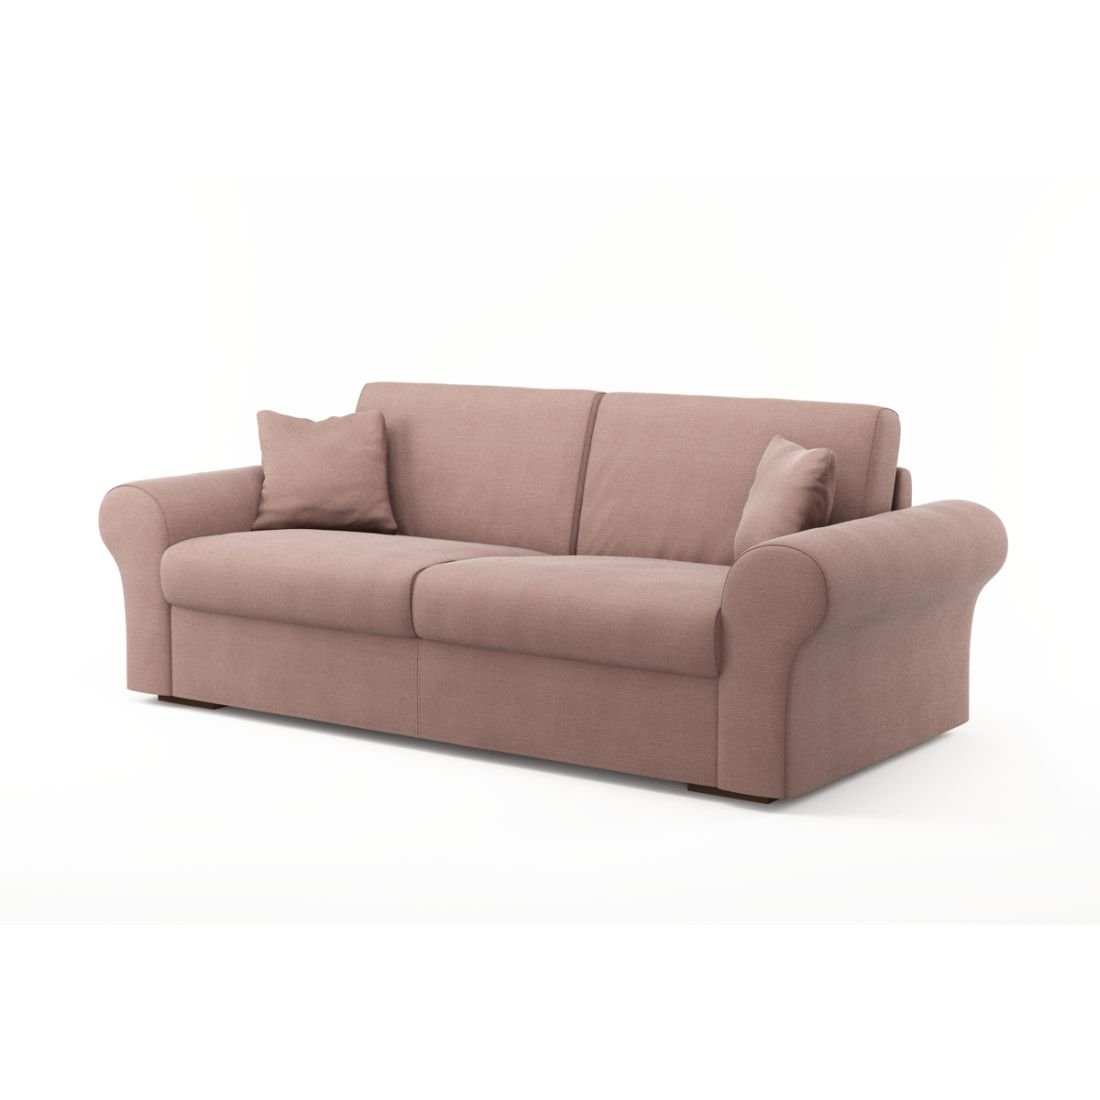 Schlafsofa Novo (3-Sitzer) – Luna Comfort 6 158 (Pflaume), Von Wilmowsky günstig online kaufen